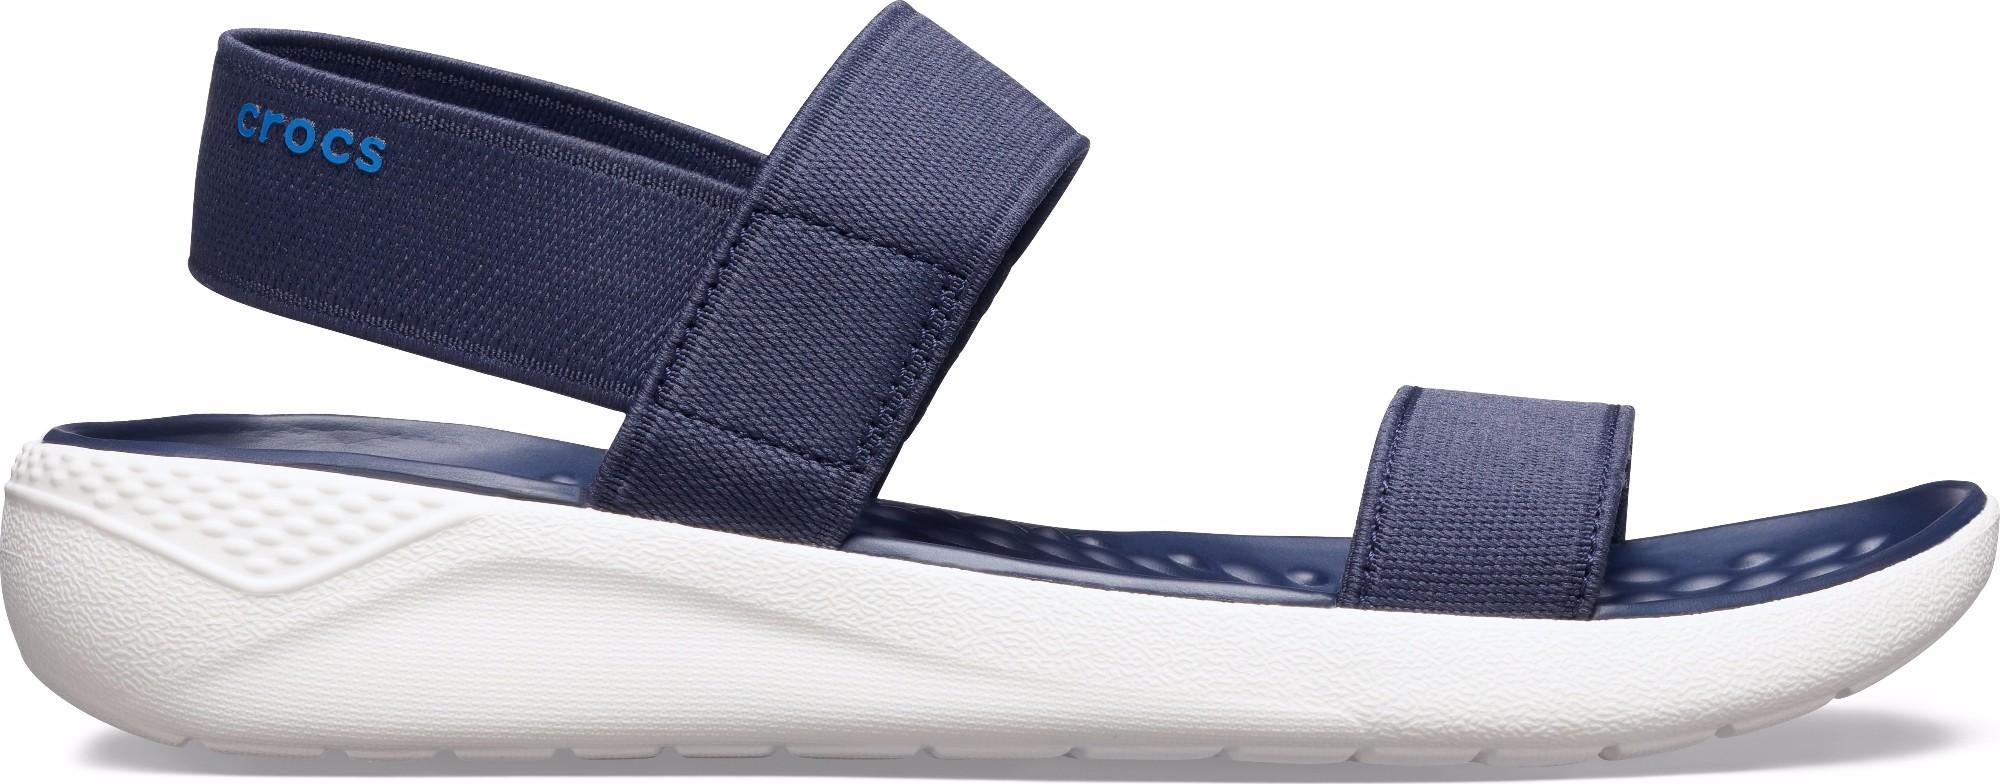 Crocs™ Women's LiteRide Sandal Navy/White 39,5